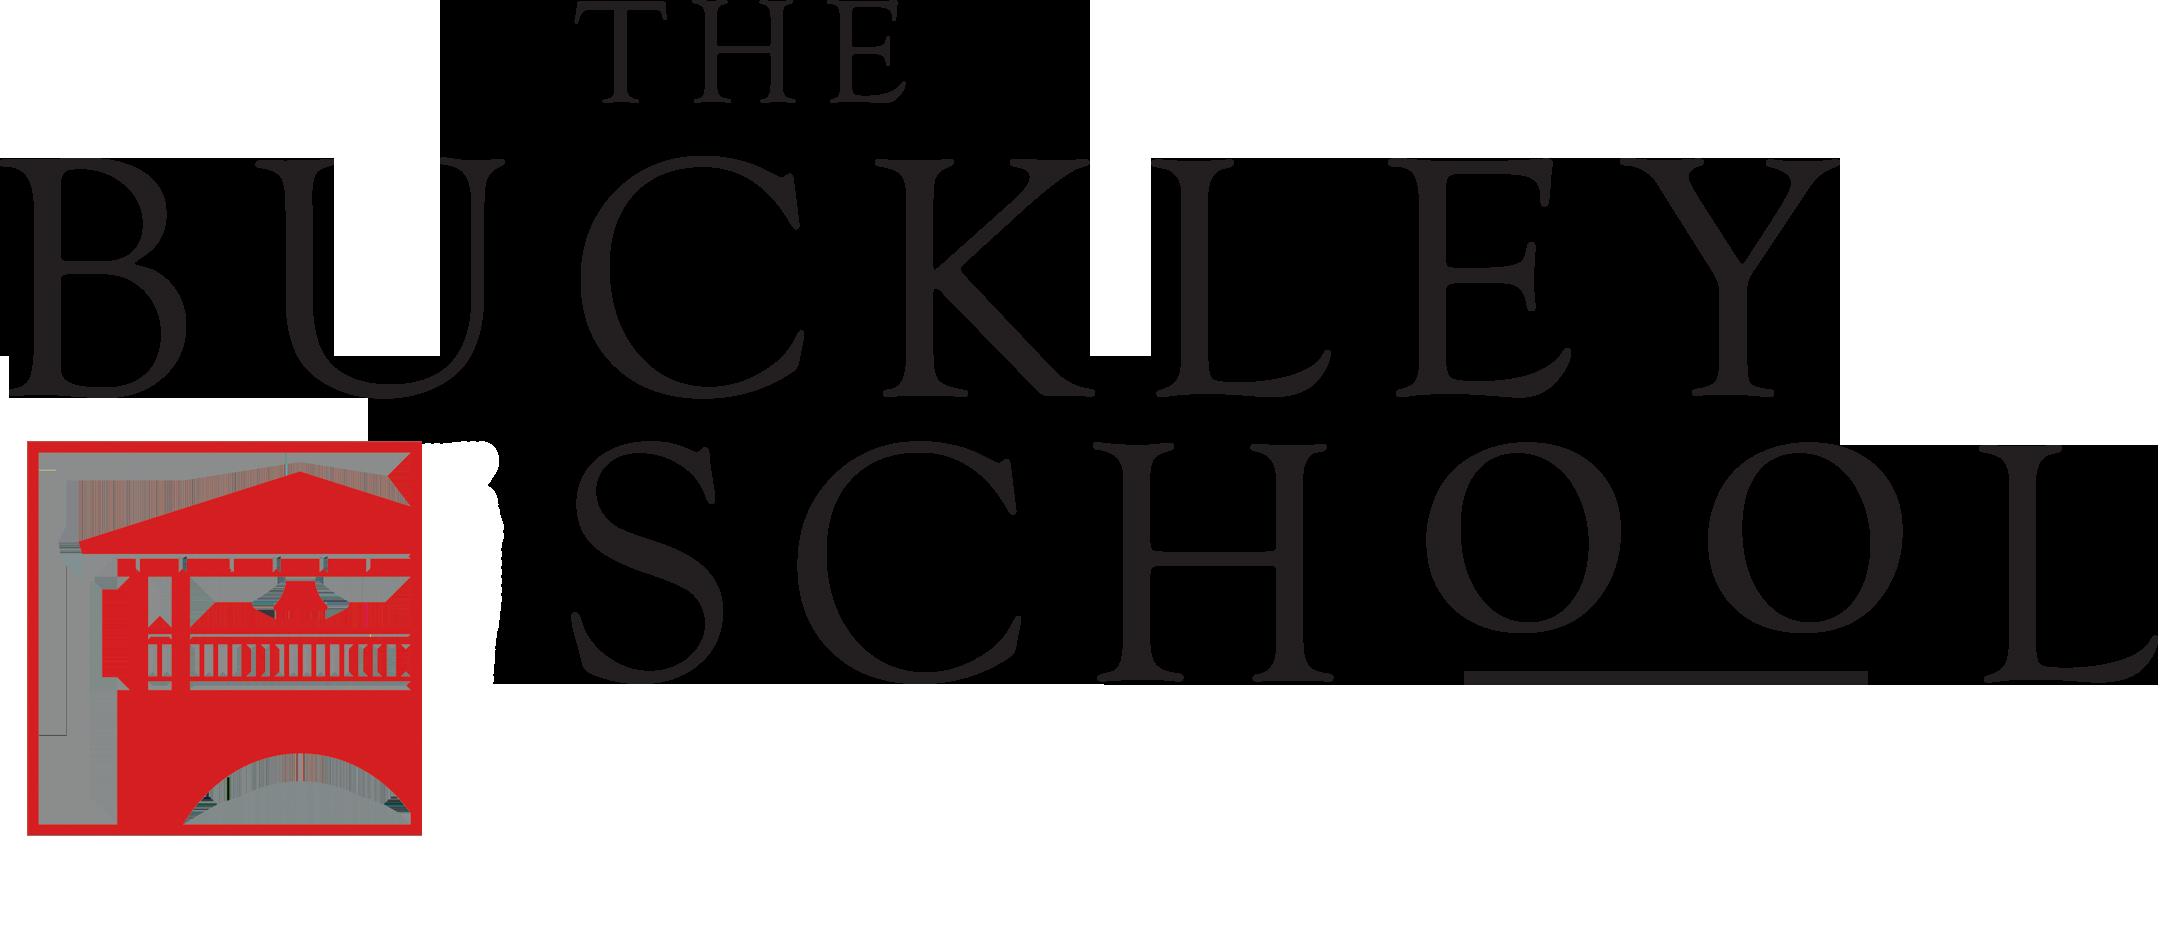 The Buckley School (Sherman Oaks)